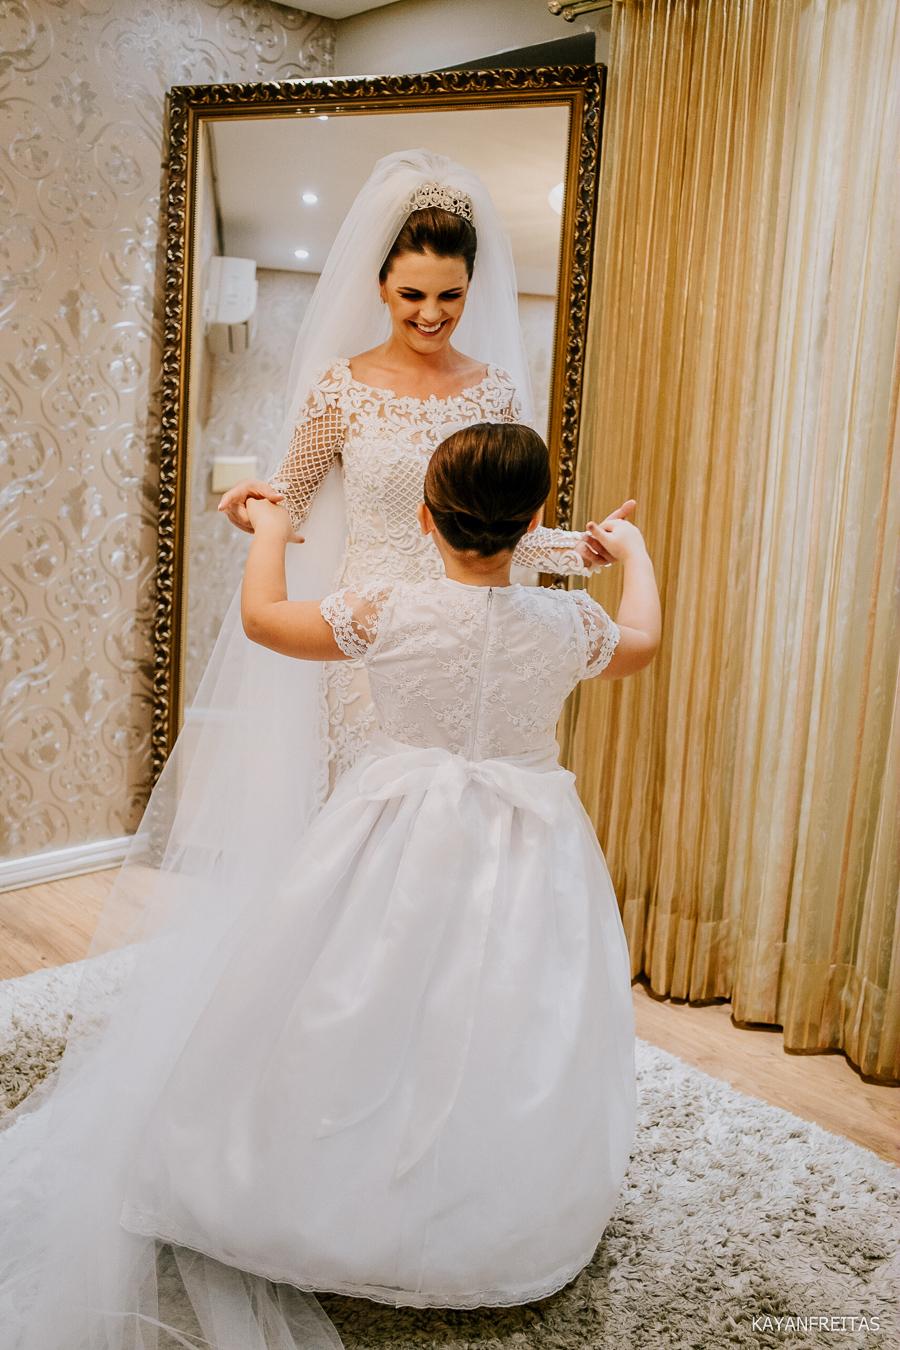 bruna-ruann-casamento-0022 Casamento Bruna e Ruann